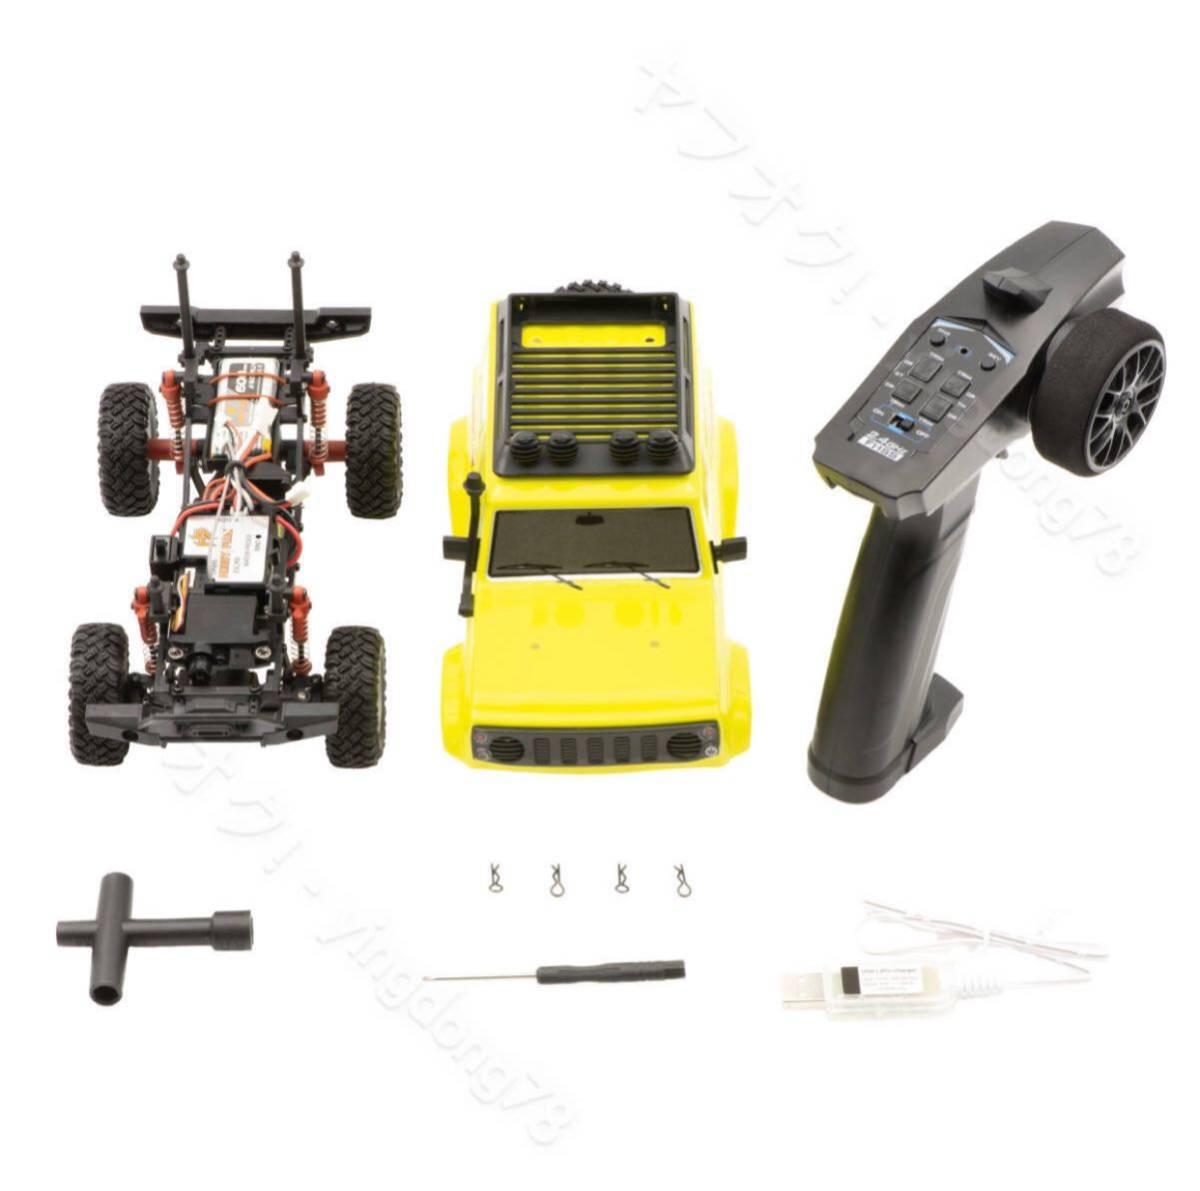 HobbyPlus CR-24GA 1/24 スズキジムニーSuzuki Jimnyラジコンオフロード4WD リモートコントロール RCカー クローラー RTR(黄色)